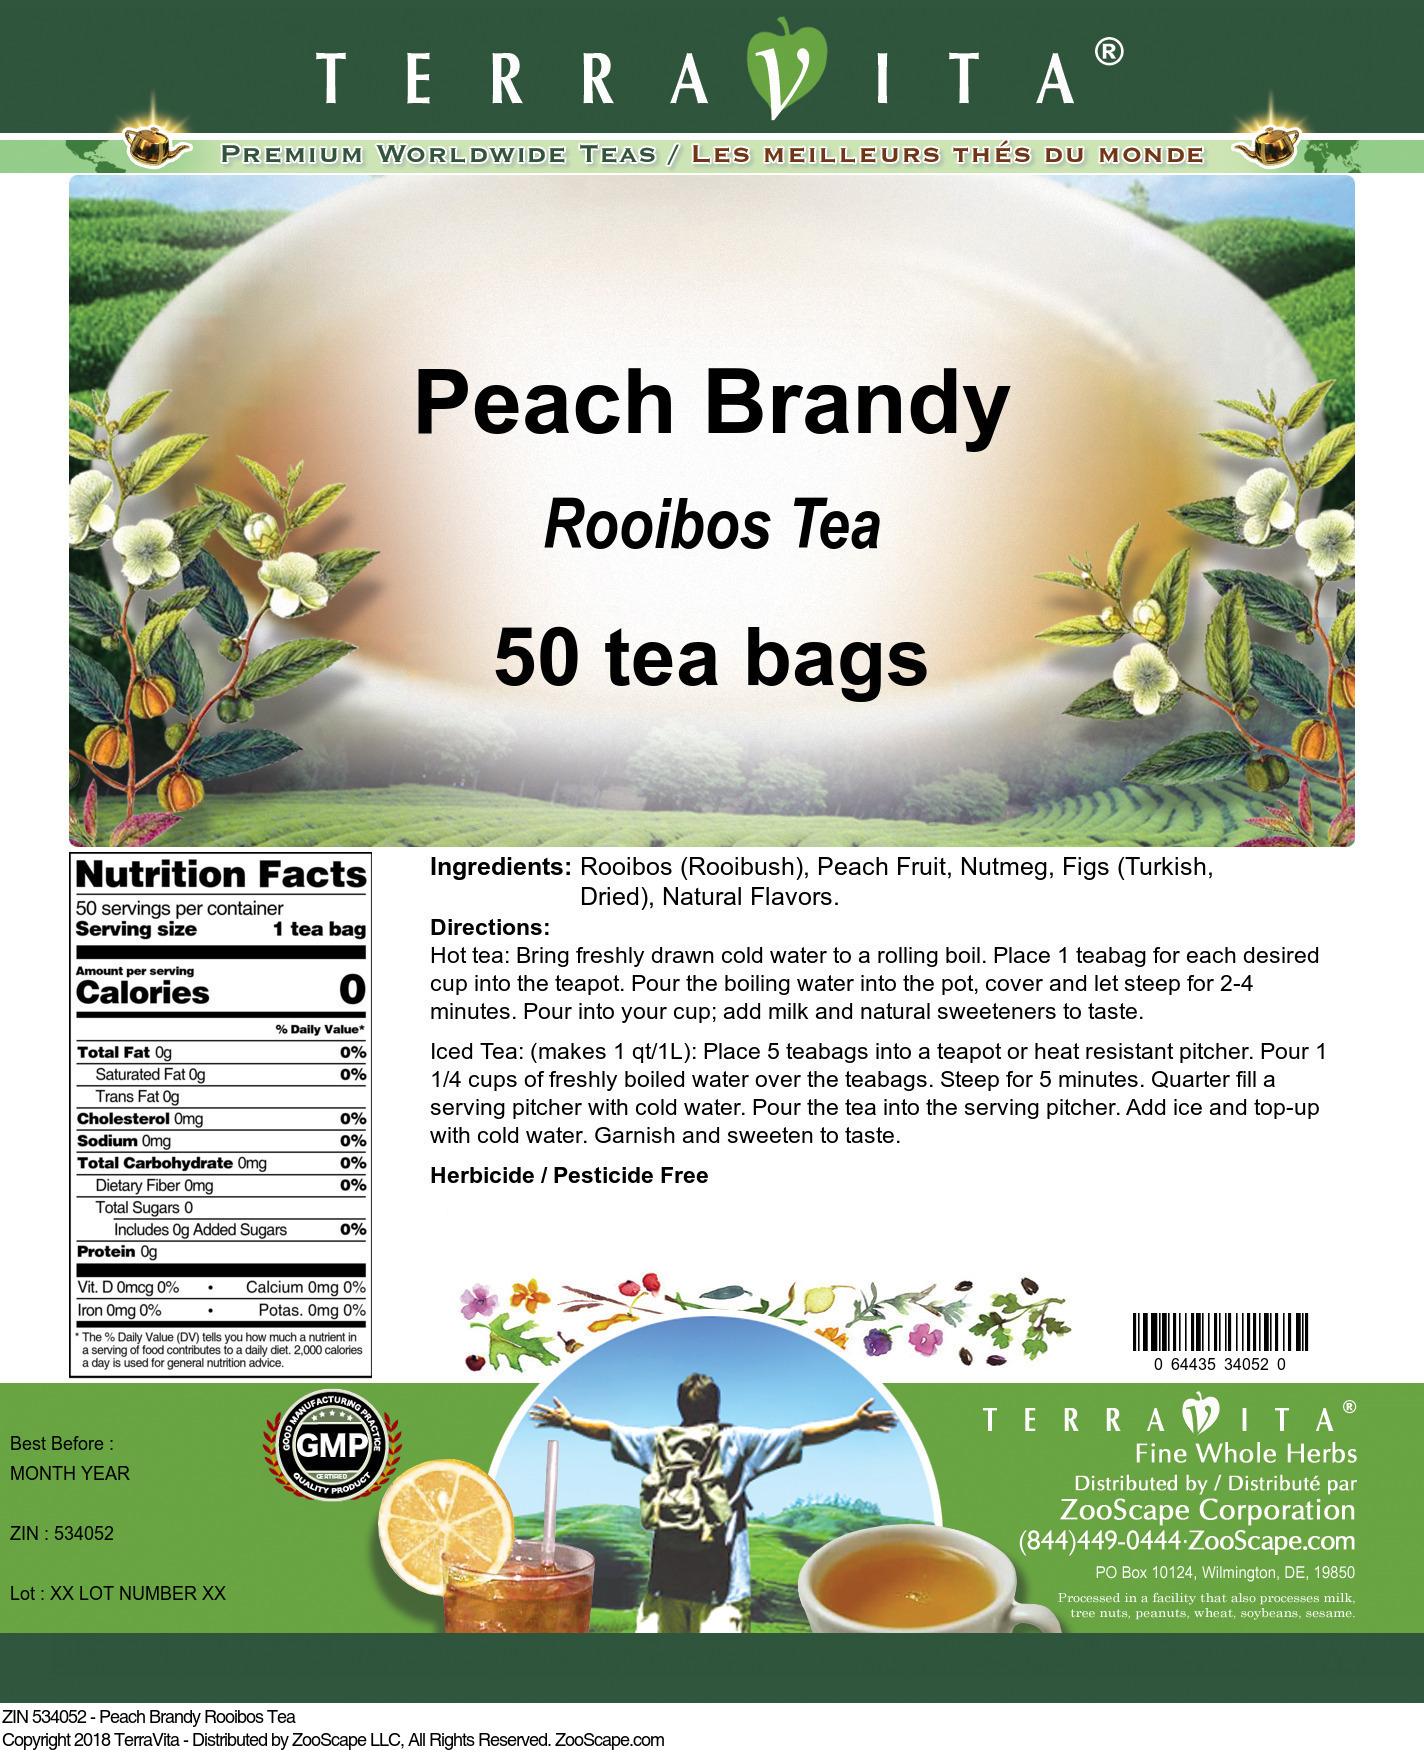 Peach Brandy Rooibos Tea